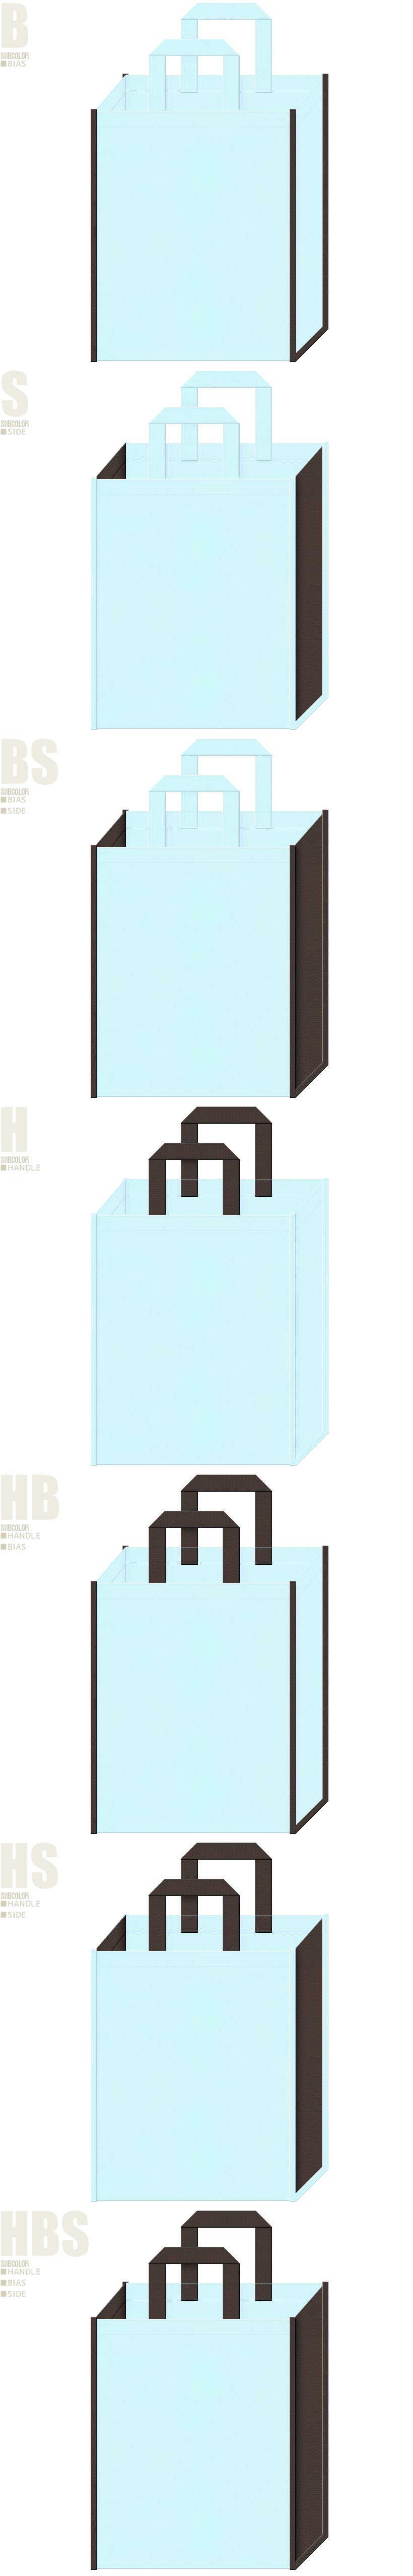 水色とこげ茶色-7パターンの不織布トートバッグ配色デザイン例